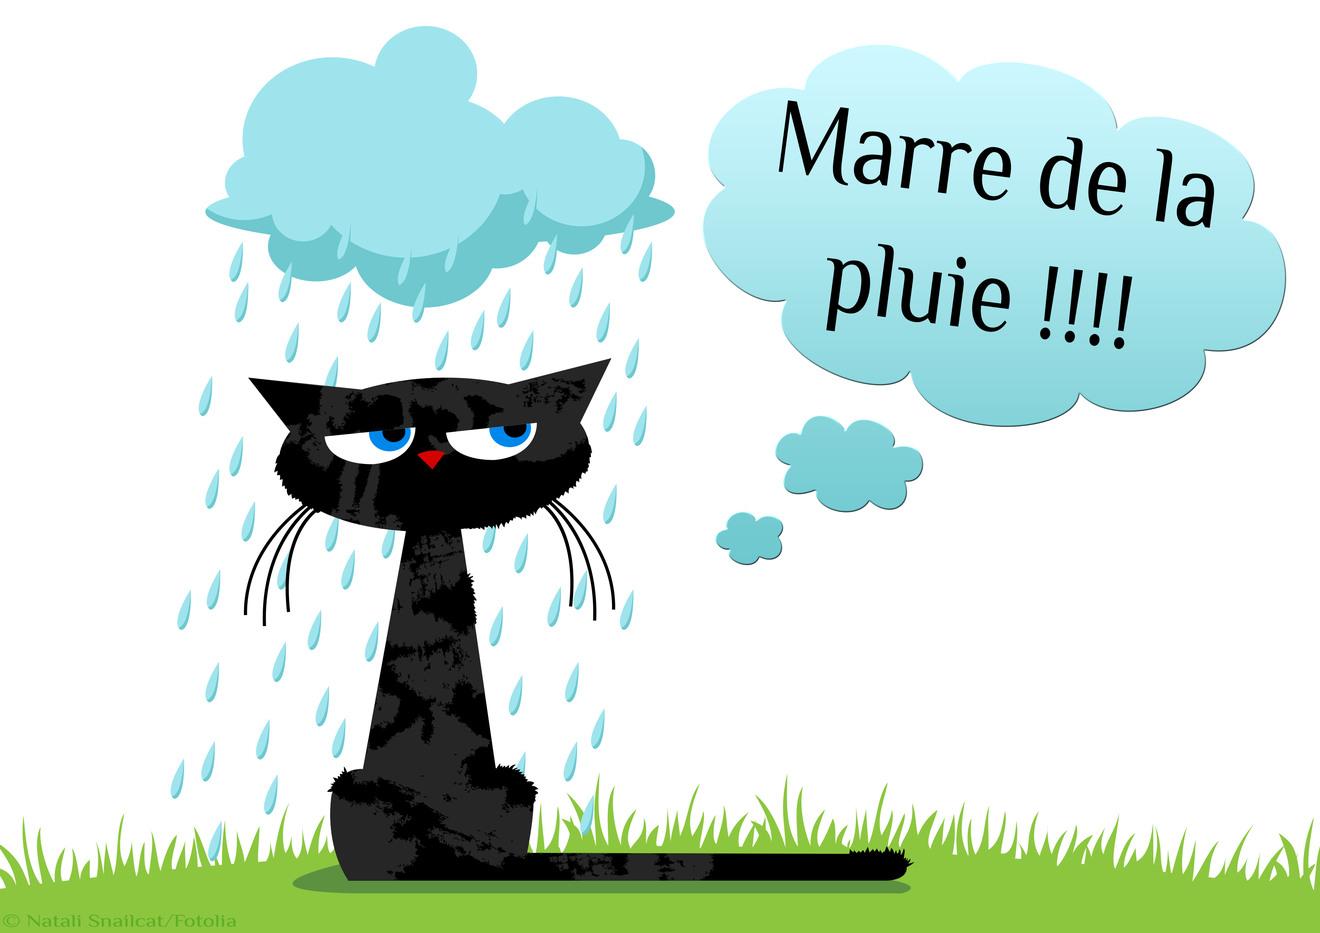 Marre de la pluie !!!